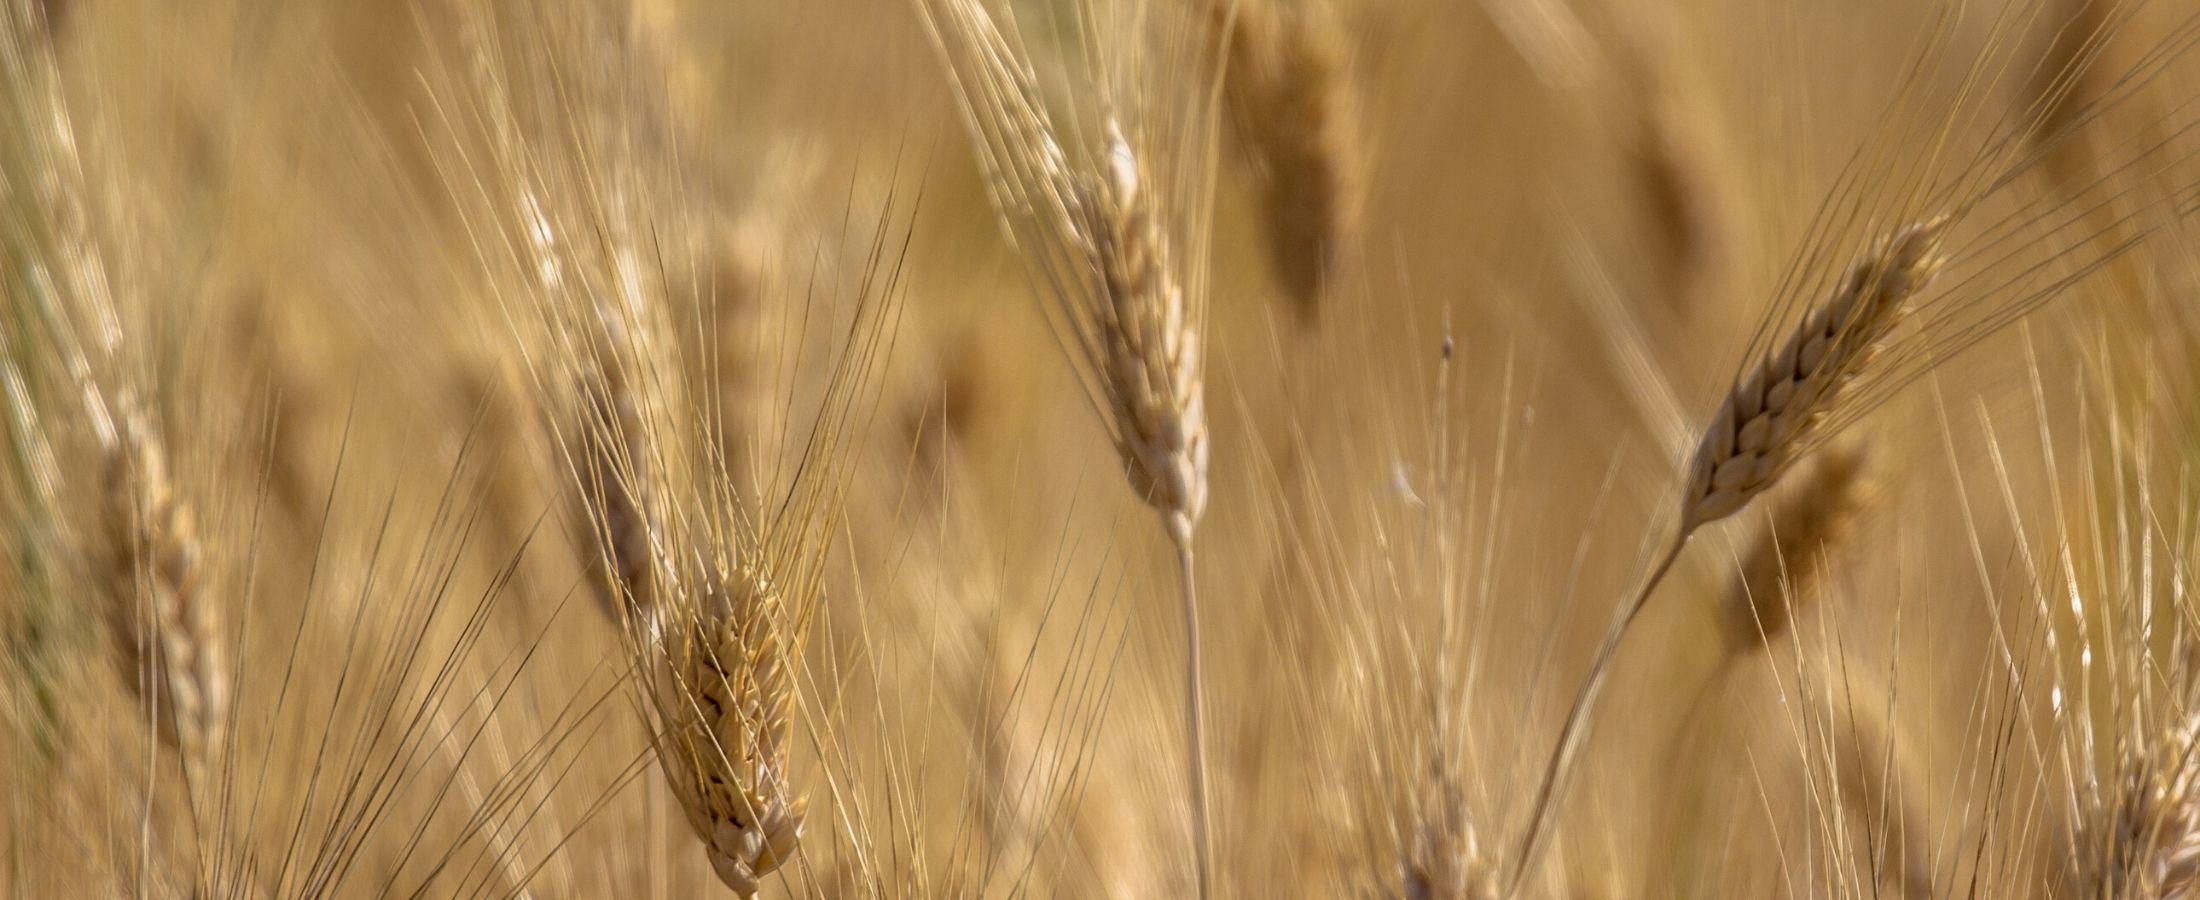 Du blé poussant au printemps, peut transporter des graminées et des épillets.